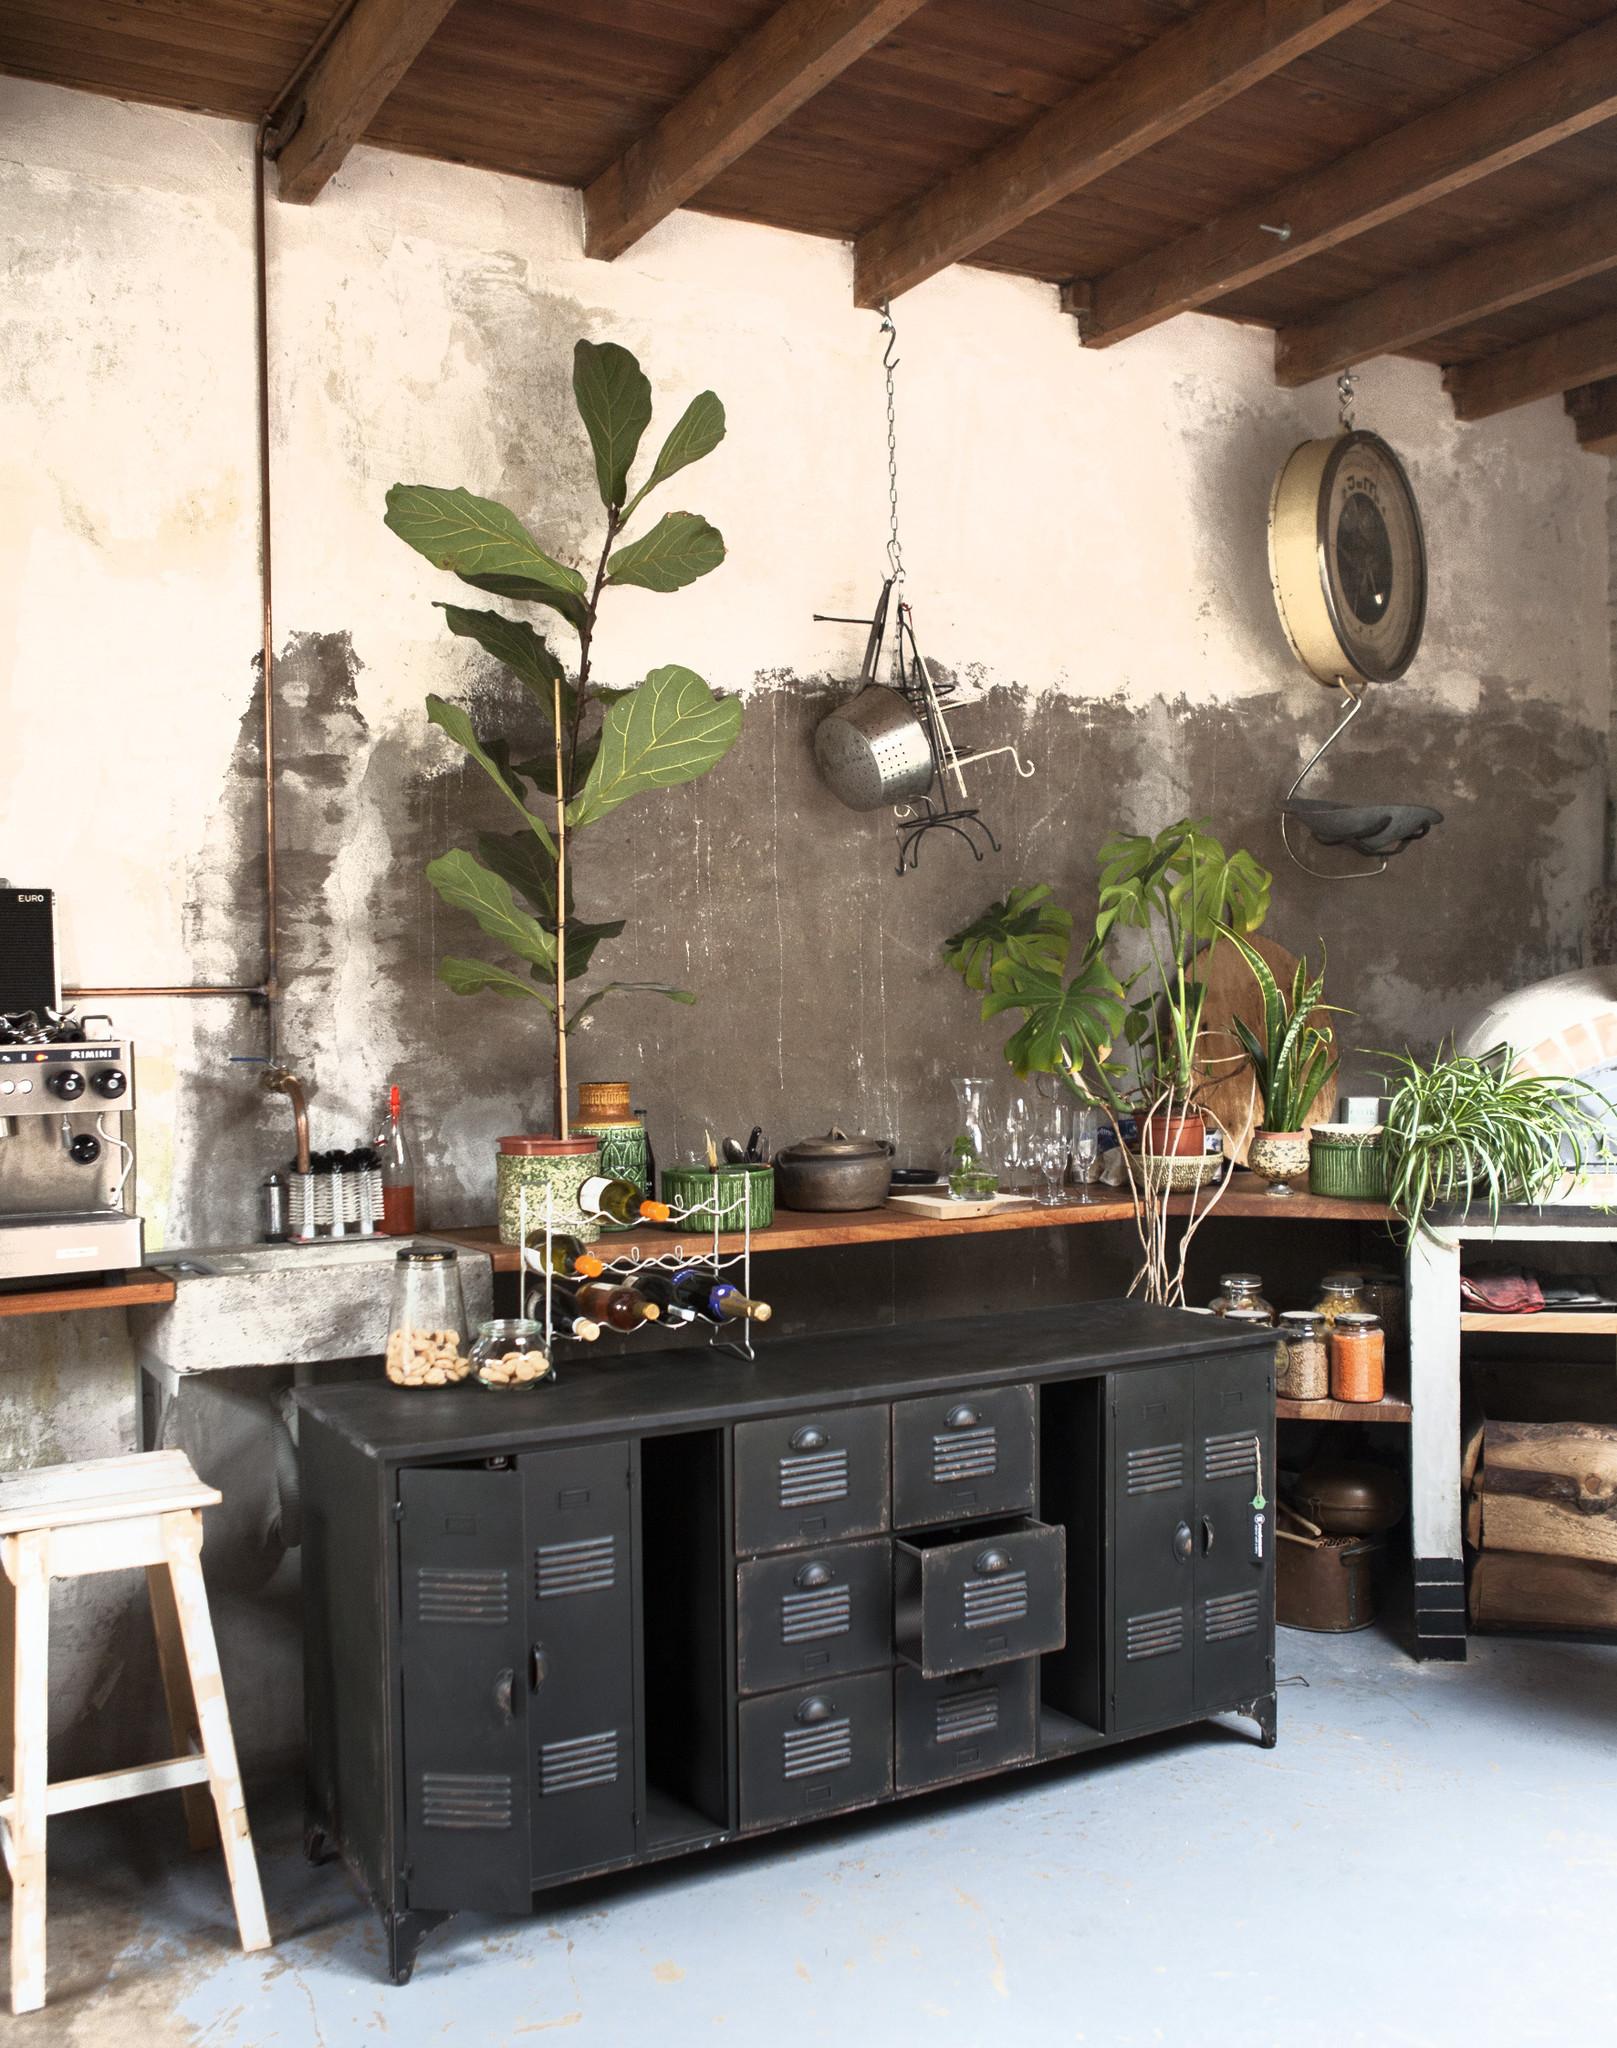 Onderhoud van je metalen meubels